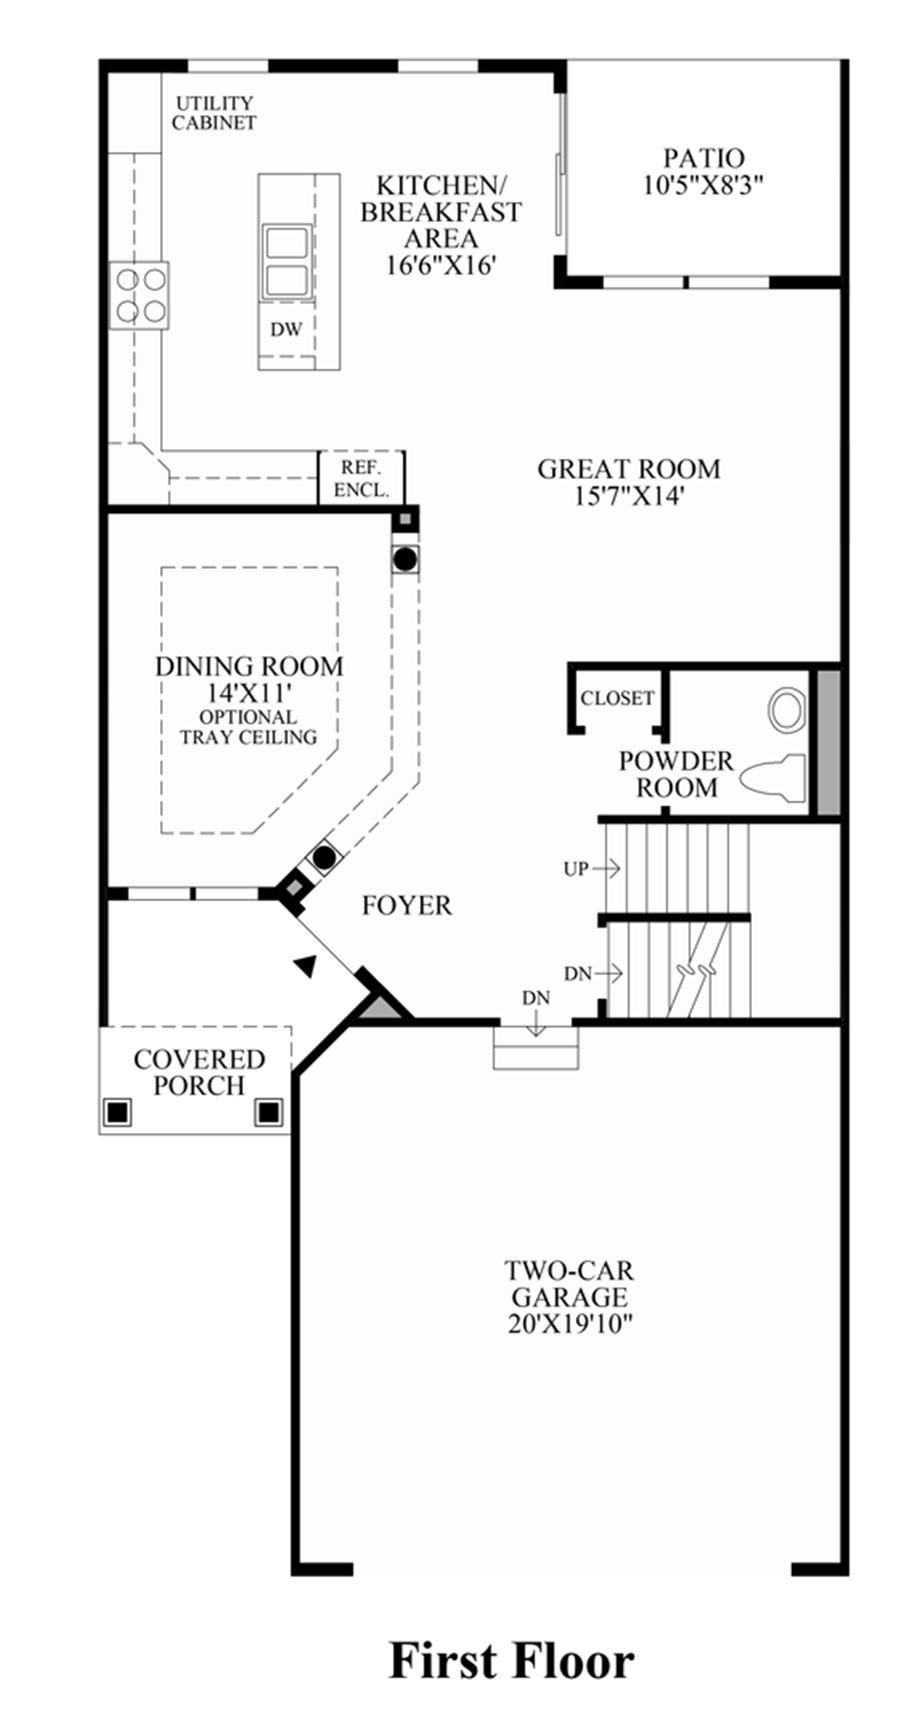 1st floor floor plan for Create your own kitchen floor plan